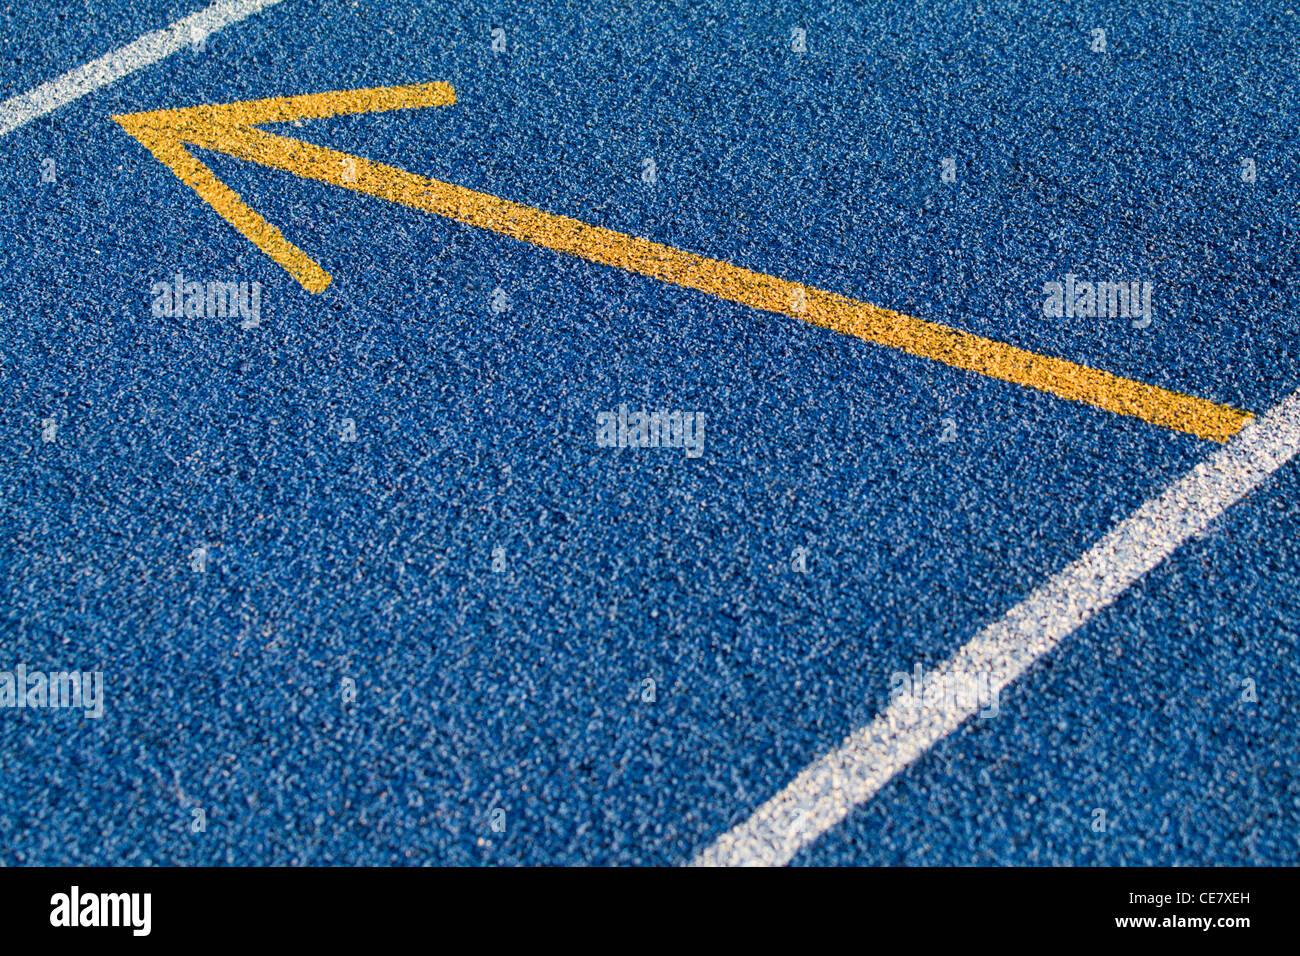 In tartan blu superficie con una freccia gialla Immagini Stock